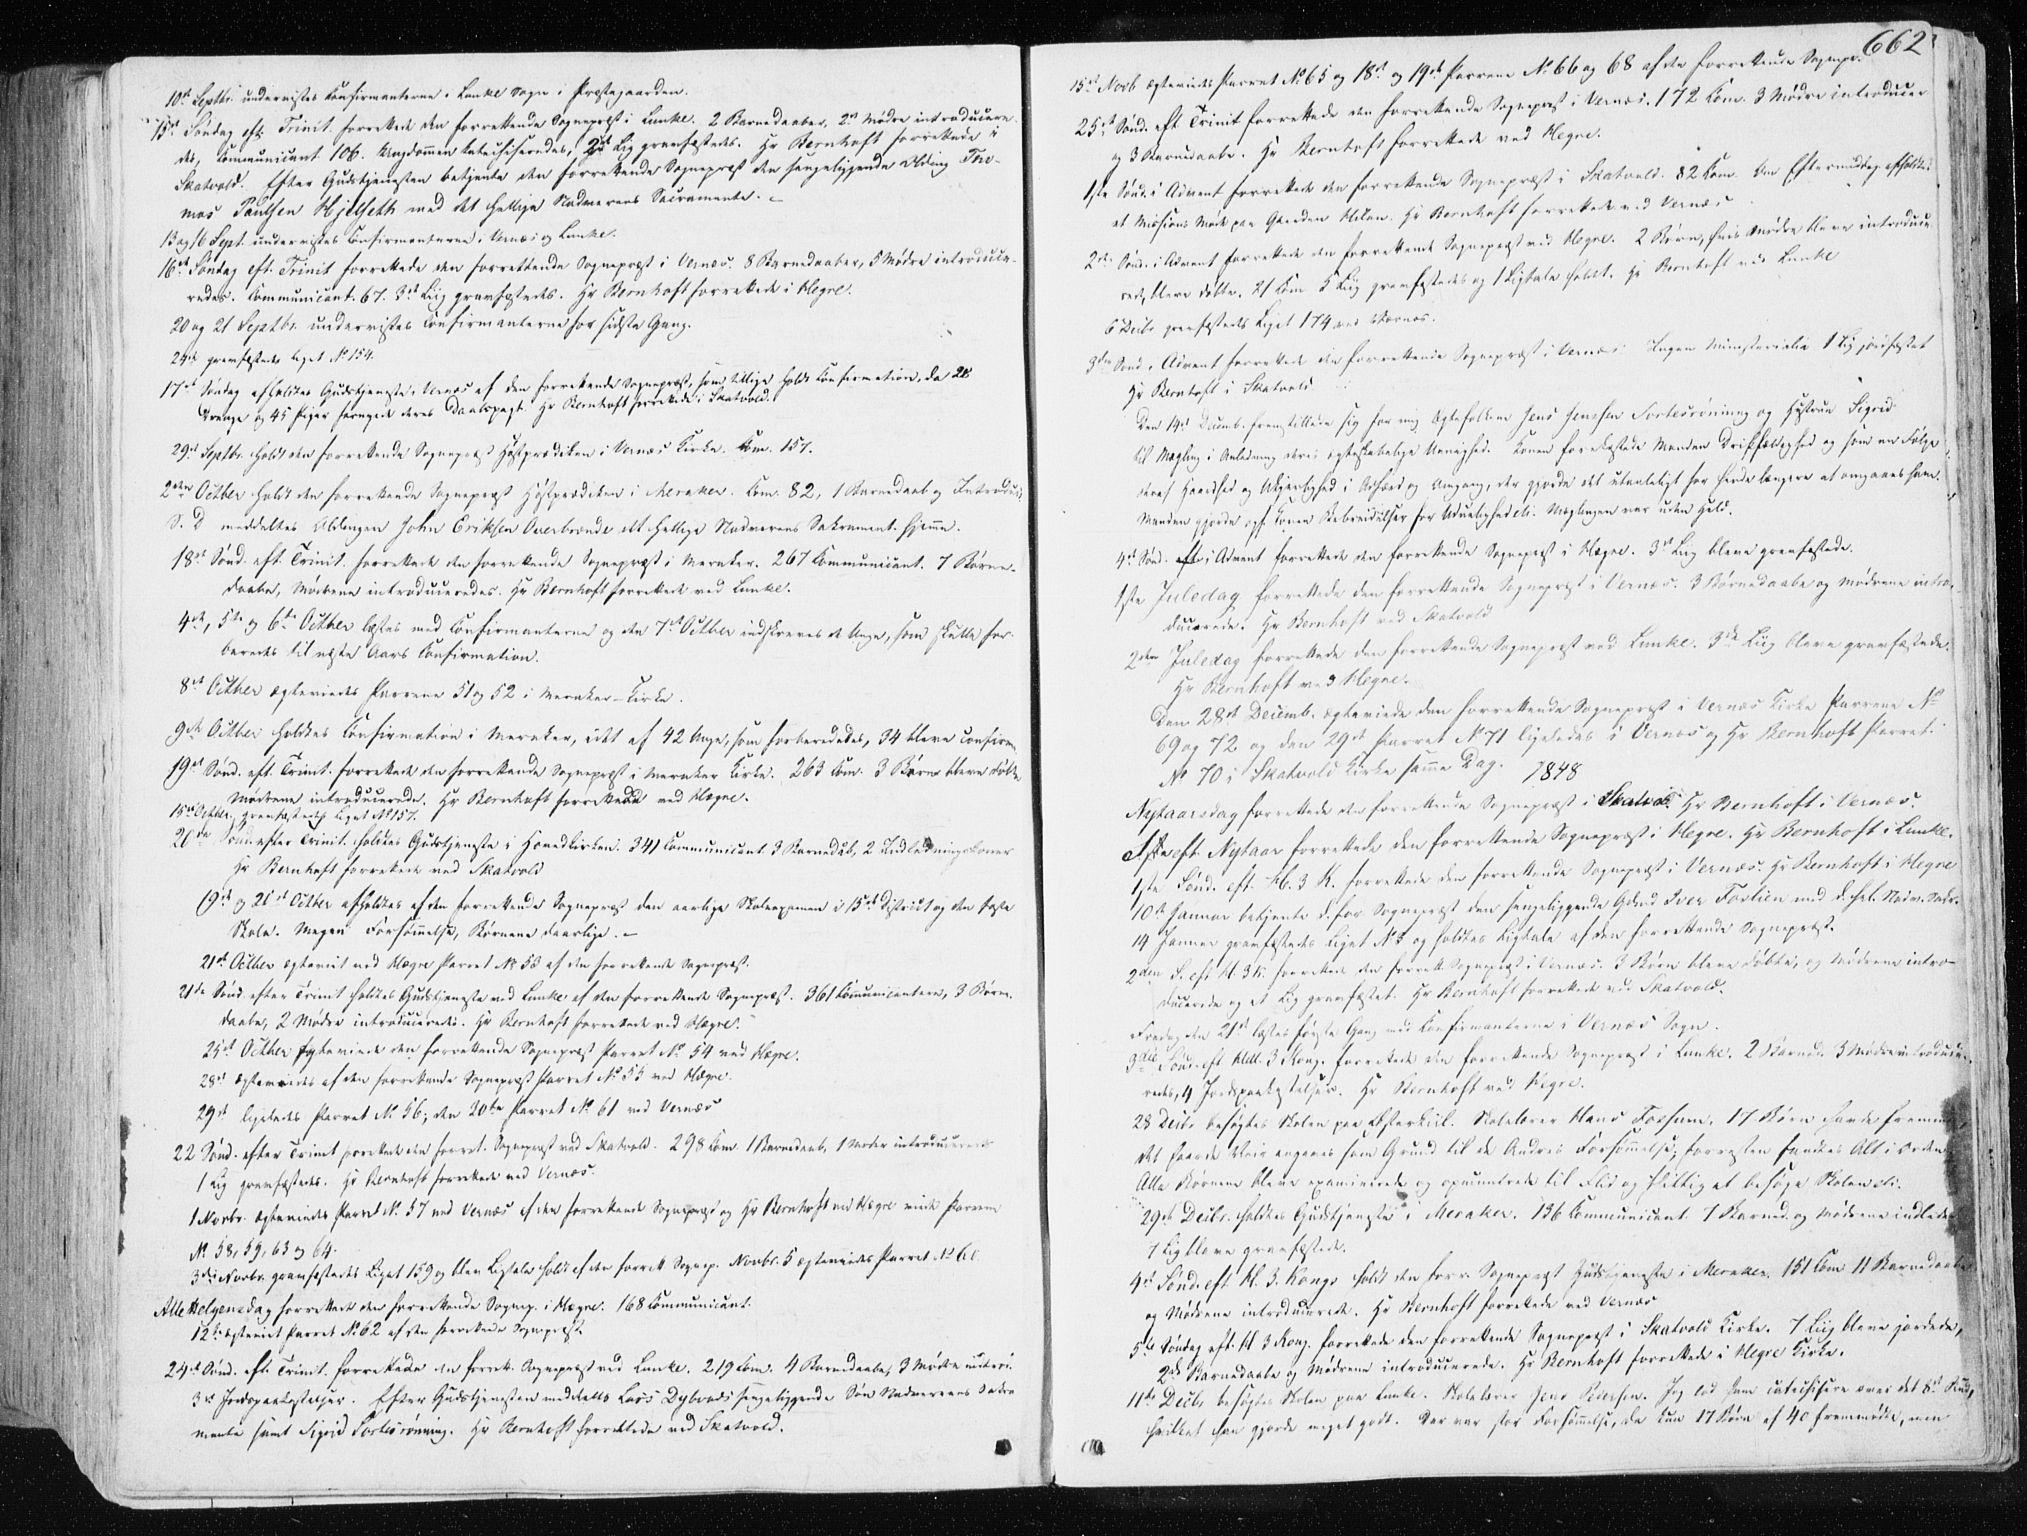 SAT, Ministerialprotokoller, klokkerbøker og fødselsregistre - Nord-Trøndelag, 709/L0074: Ministerialbok nr. 709A14, 1845-1858, s. 662